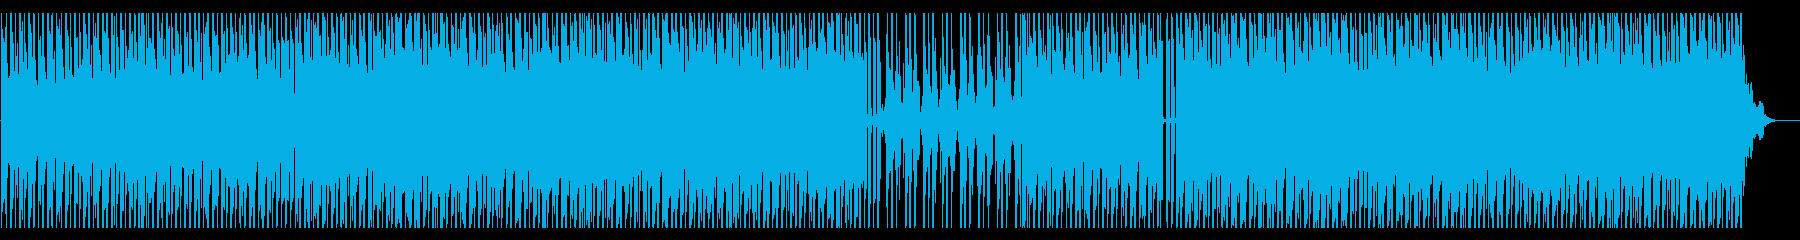 夜空を駆けるハウスの再生済みの波形